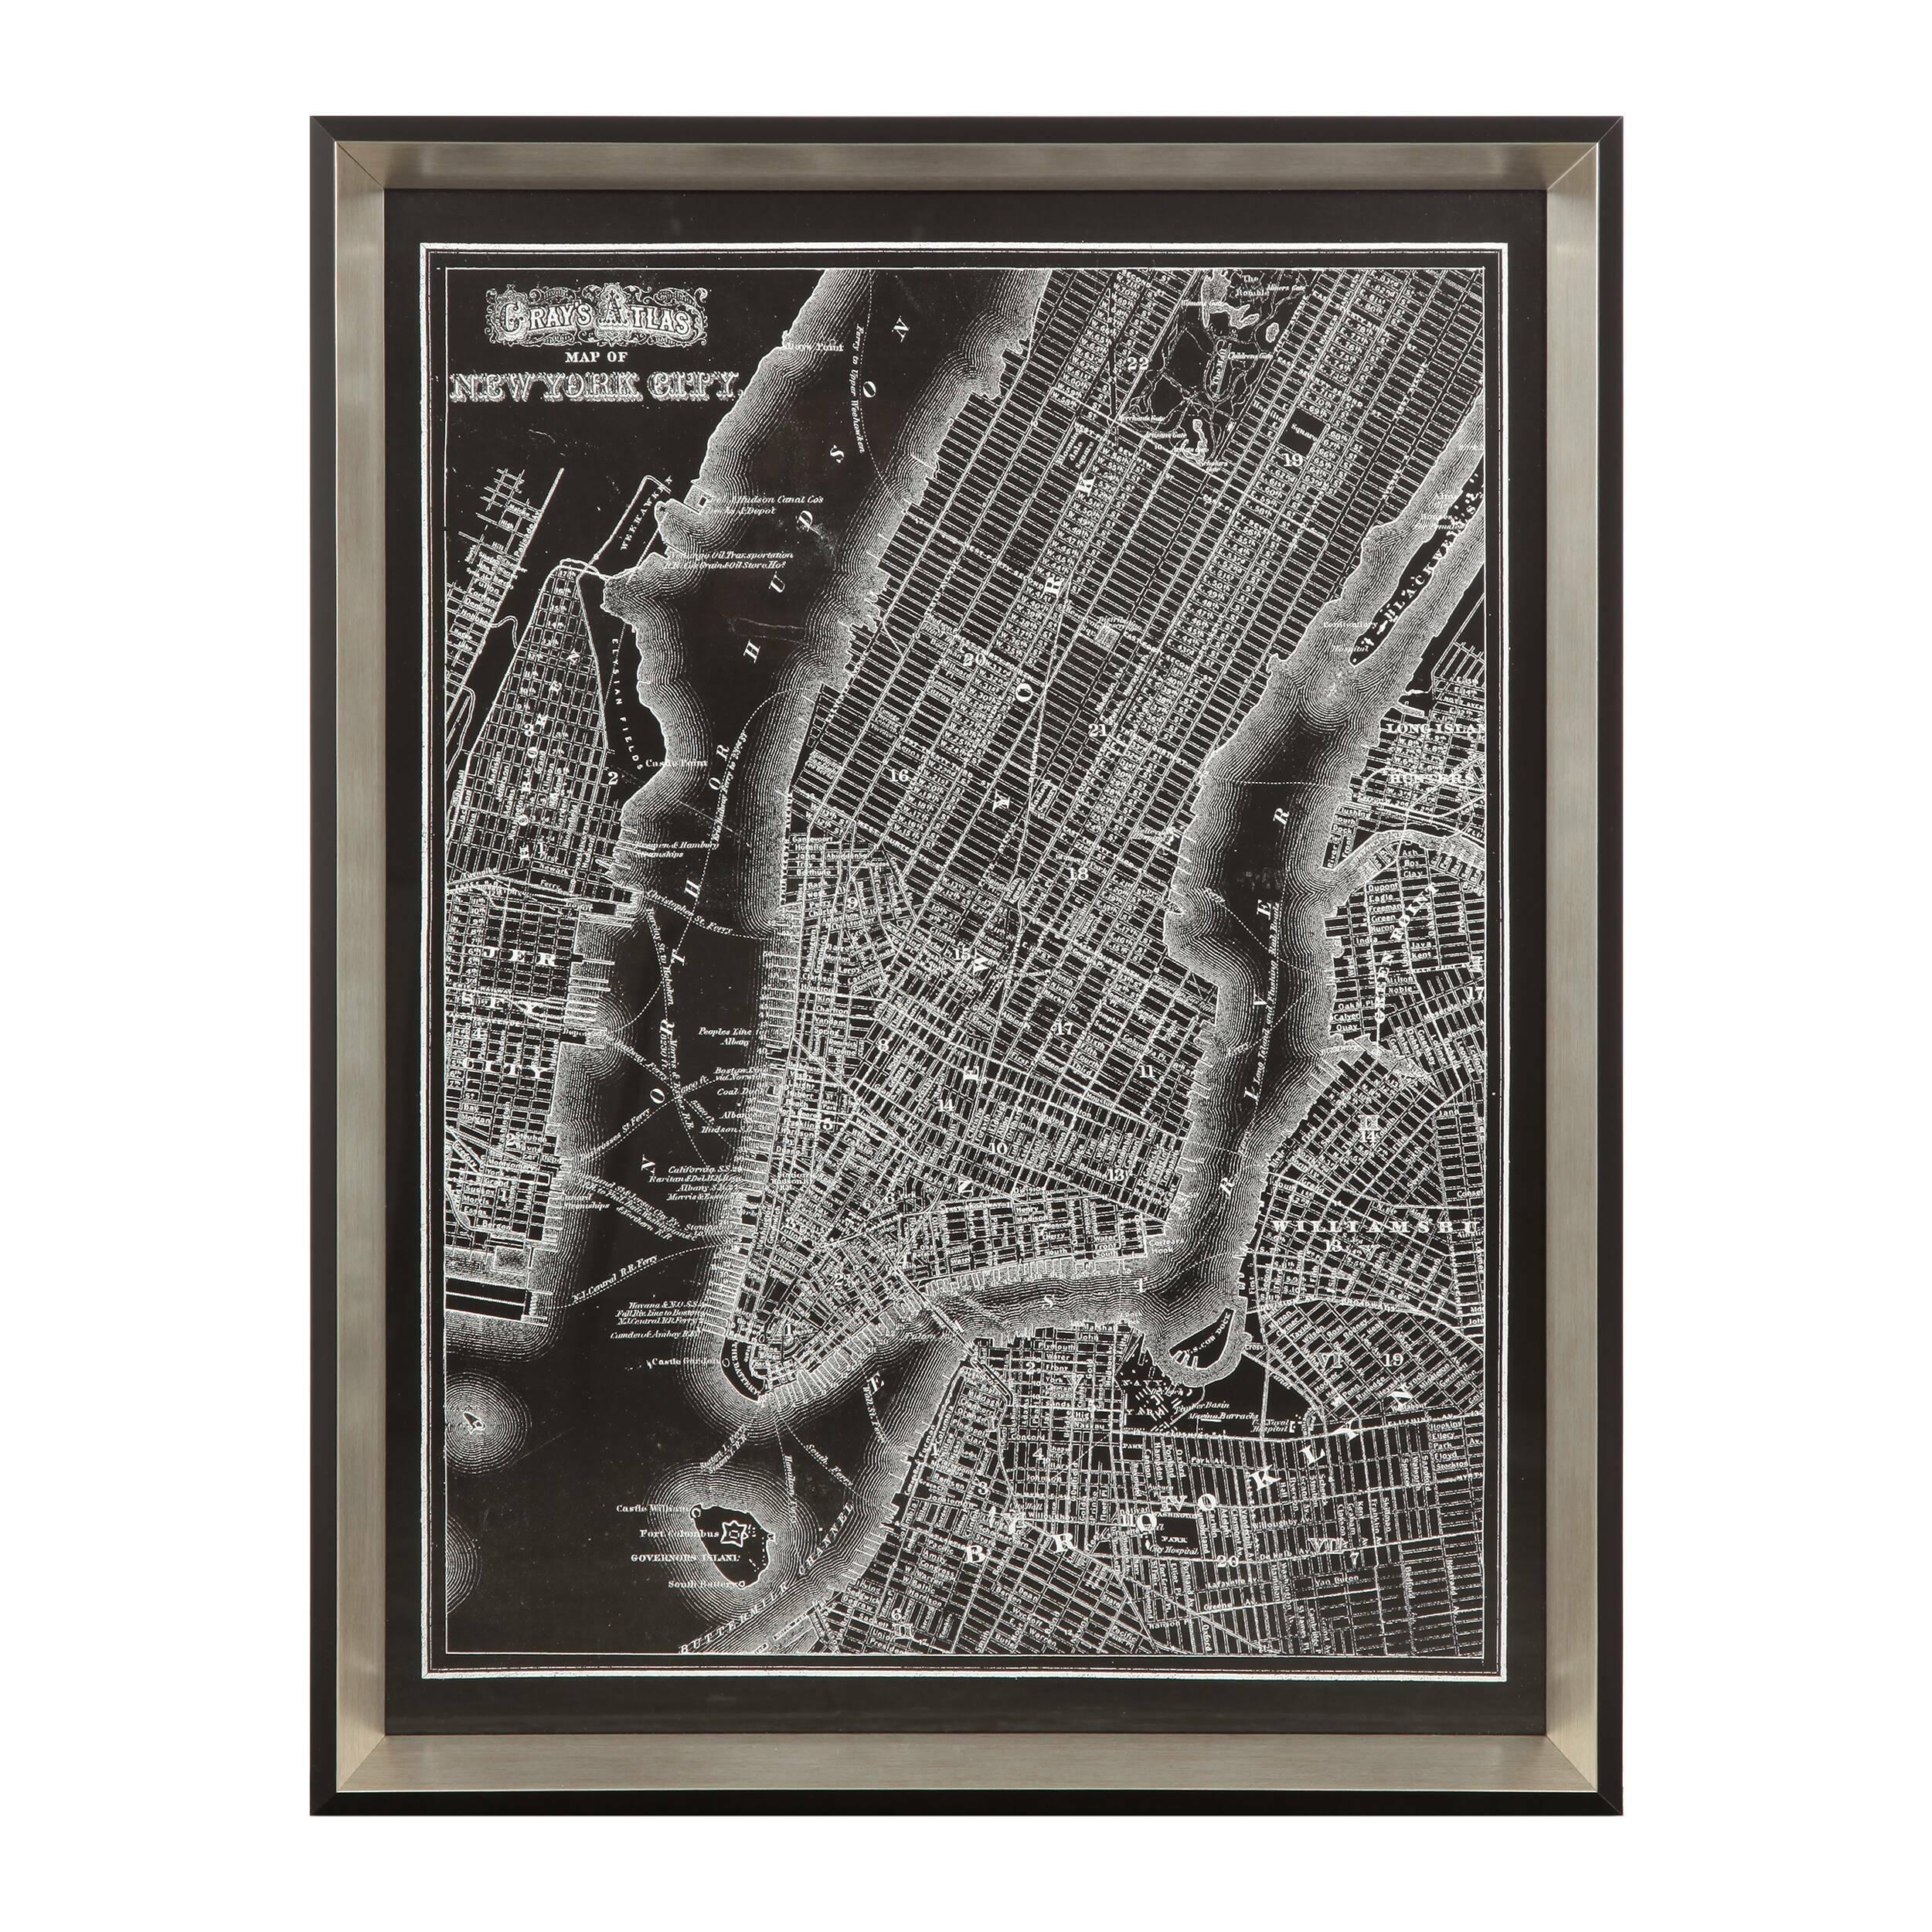 Постер New York CityКартины<br>Волшебный вид сверху на городской пейзаж способен заворожить любого. А в данном случае представлен не просто вид сверху, а схематичное изображение районов и улиц Нью-Йорка. Дизайнерский постер New York City (Нью-Йорк Сити) представляет собой оригинальную стилизацию карты города – отличное дополнение для современного интерьера.<br><br><br> Постер имеет средние размеры и подойдет для комнаты с любыми габаритами. А стильная черно-серая цветовая гамма будет гармонировать как с темным, так и со све...<br><br>stock: 6<br>Ширина: 49,7<br>Цвет: Черный<br>Длина: 65,2